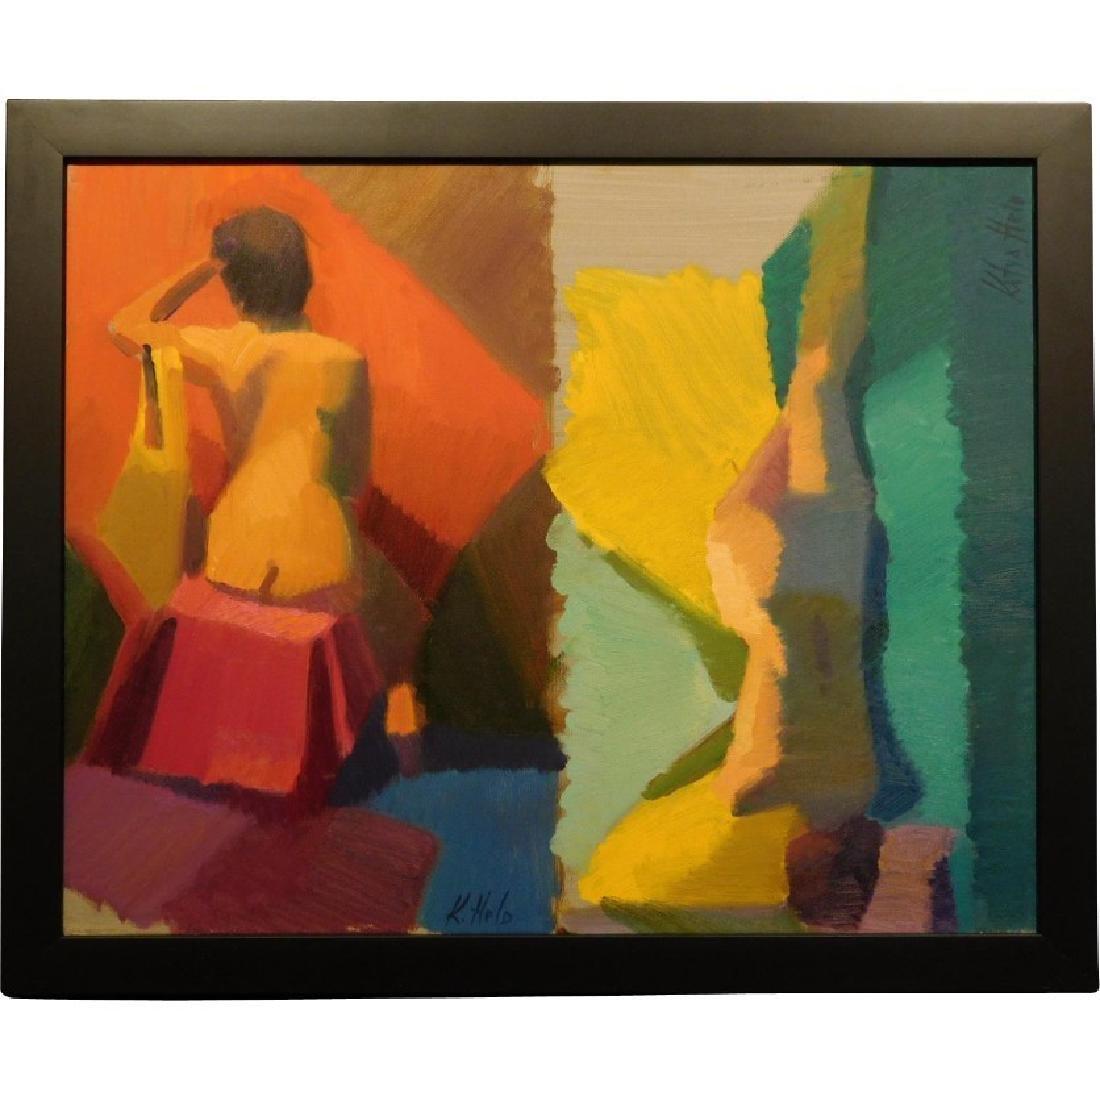 Modern Female Nude Figure Studies by Katya Held